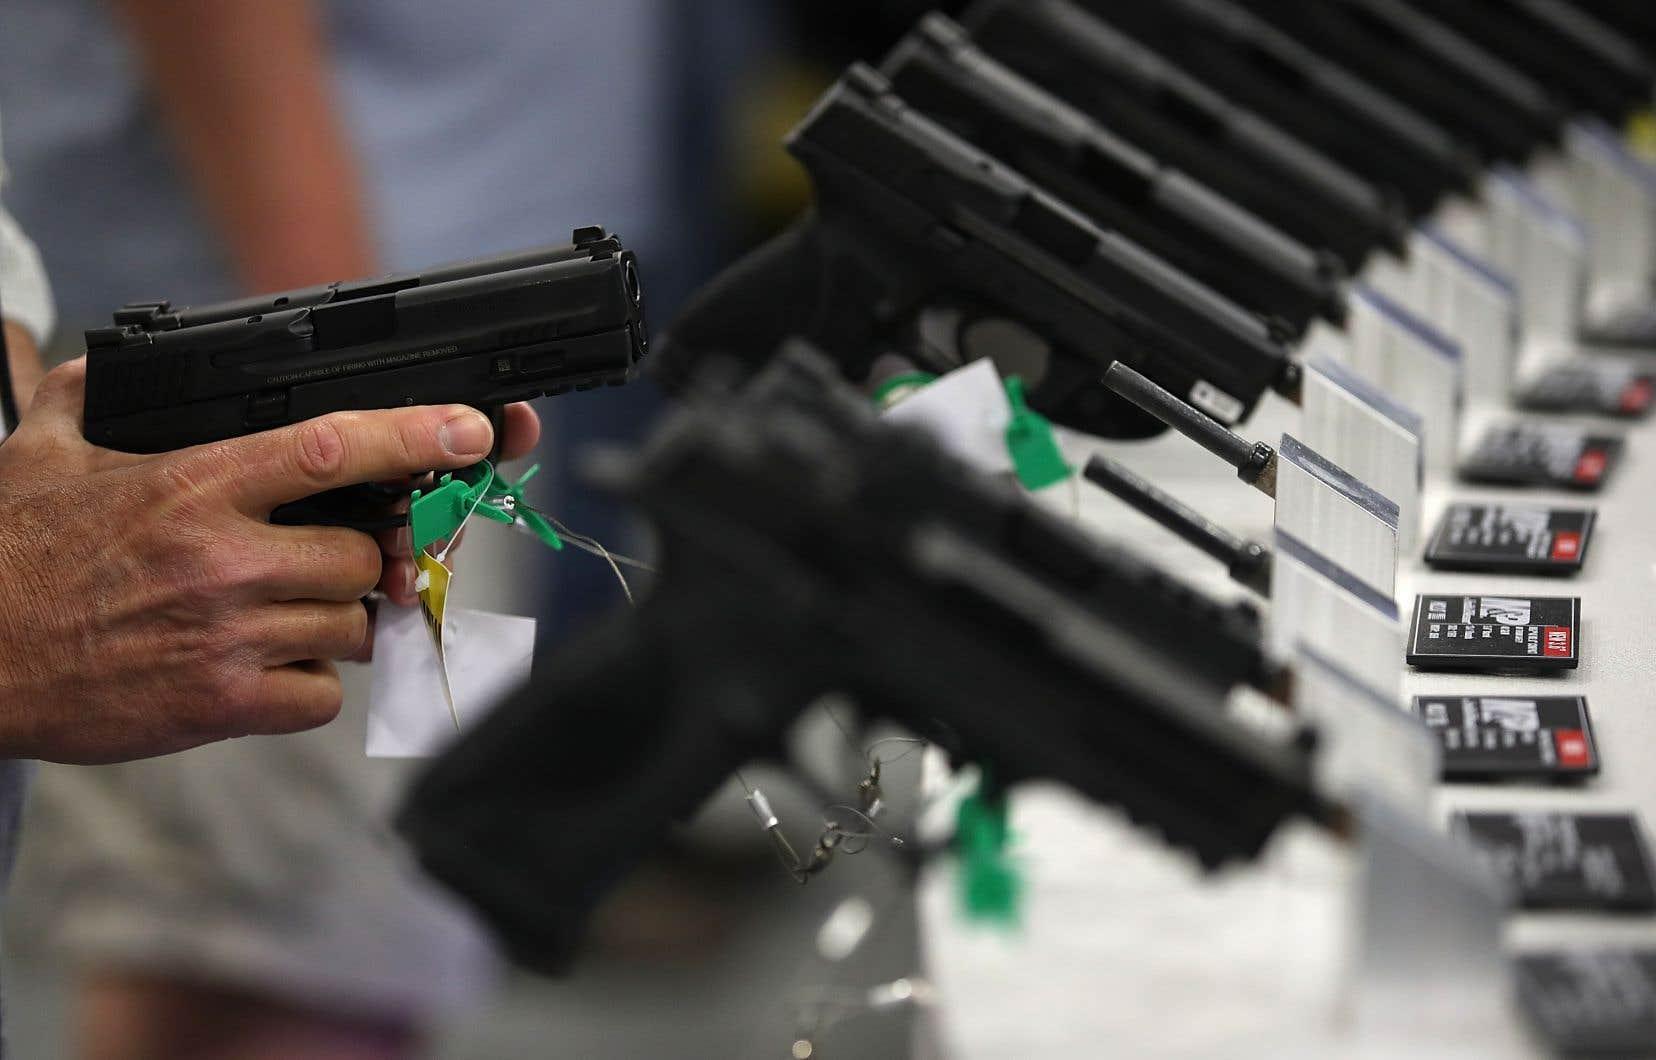 L'arme de poing utilisée lors de la fusillade est un produit «ultra dangereux conçu spécifiquement pour blesser ou tuer des gens», plaident les plaignants.